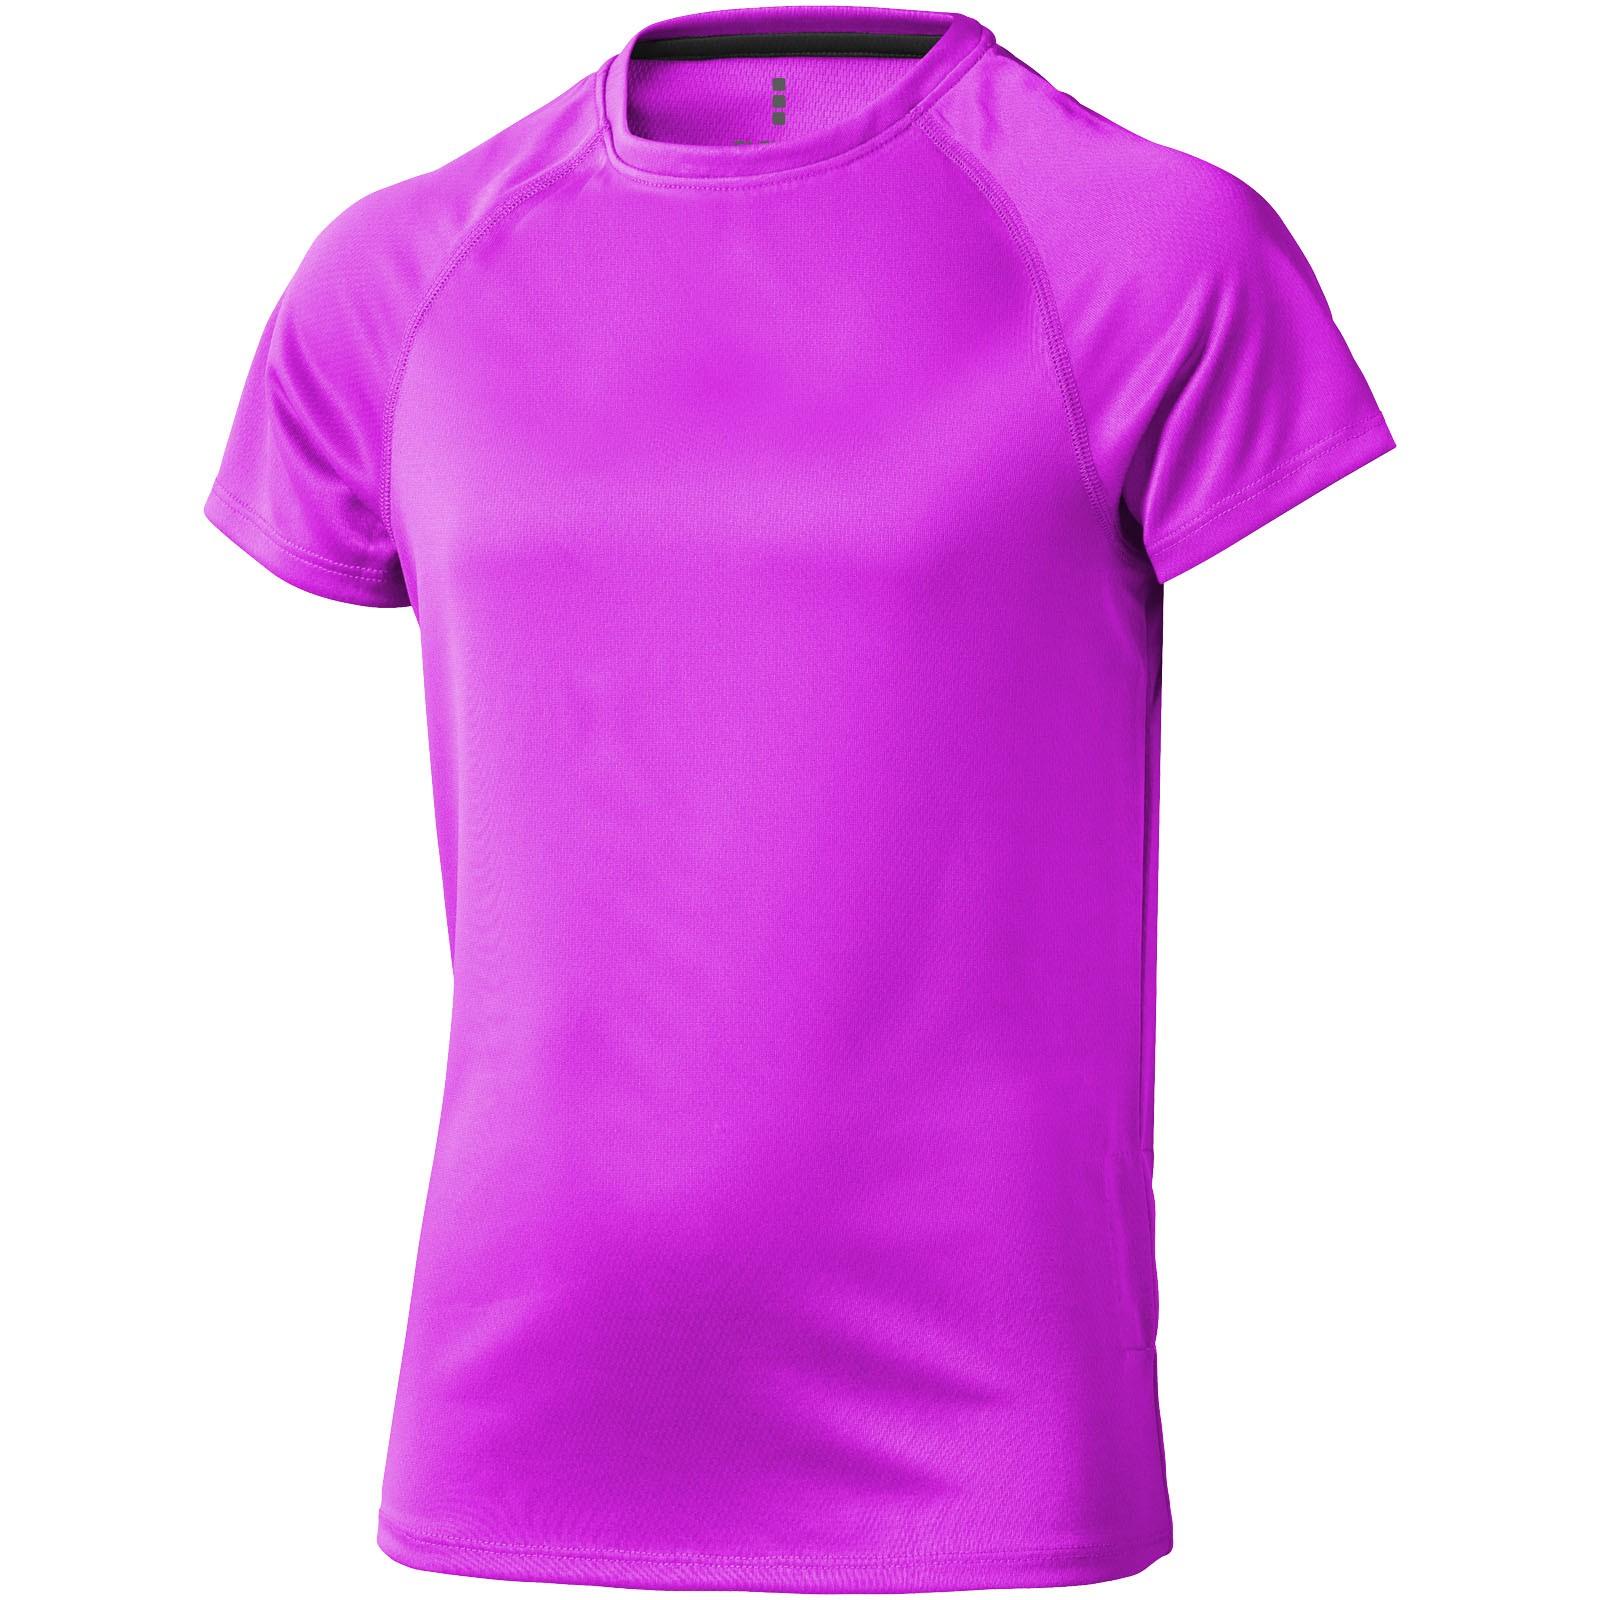 Dětské triko Niagara s krátkým rukávem, s povrchovou úpravou - Neonově Růžová / 128